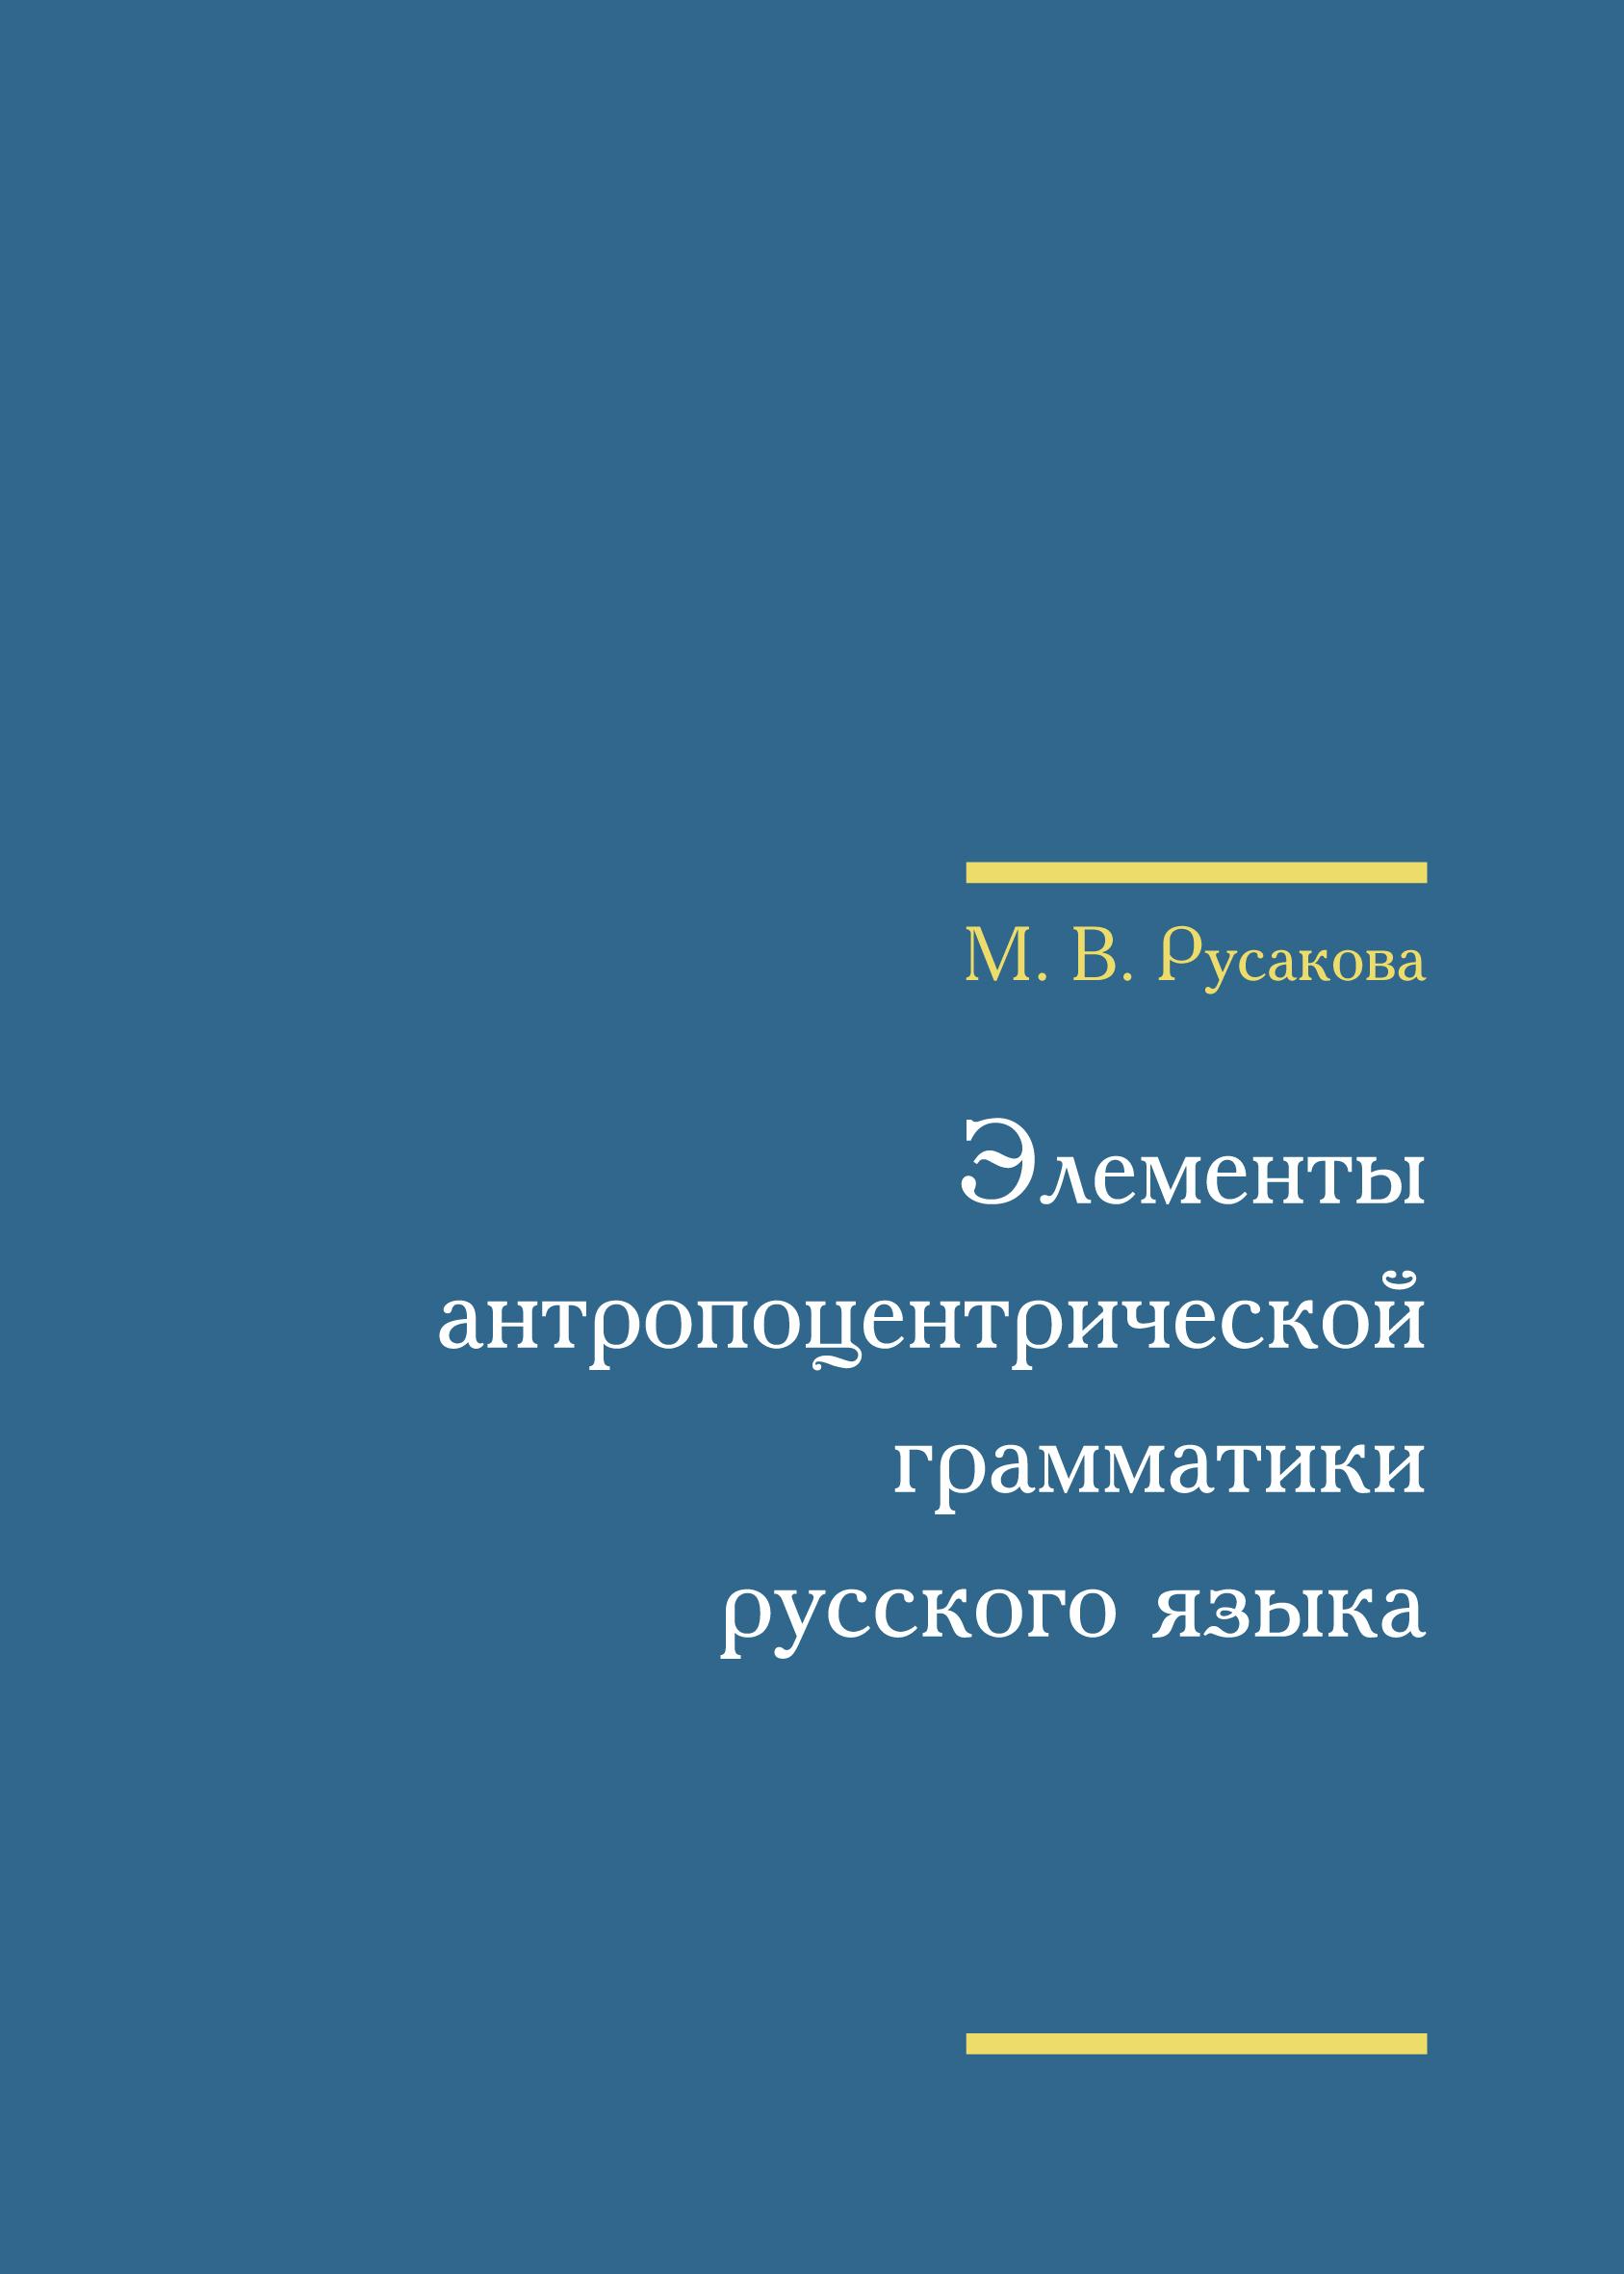 М. В. Русакова Элементы антропоцентрической грамматики русского языка